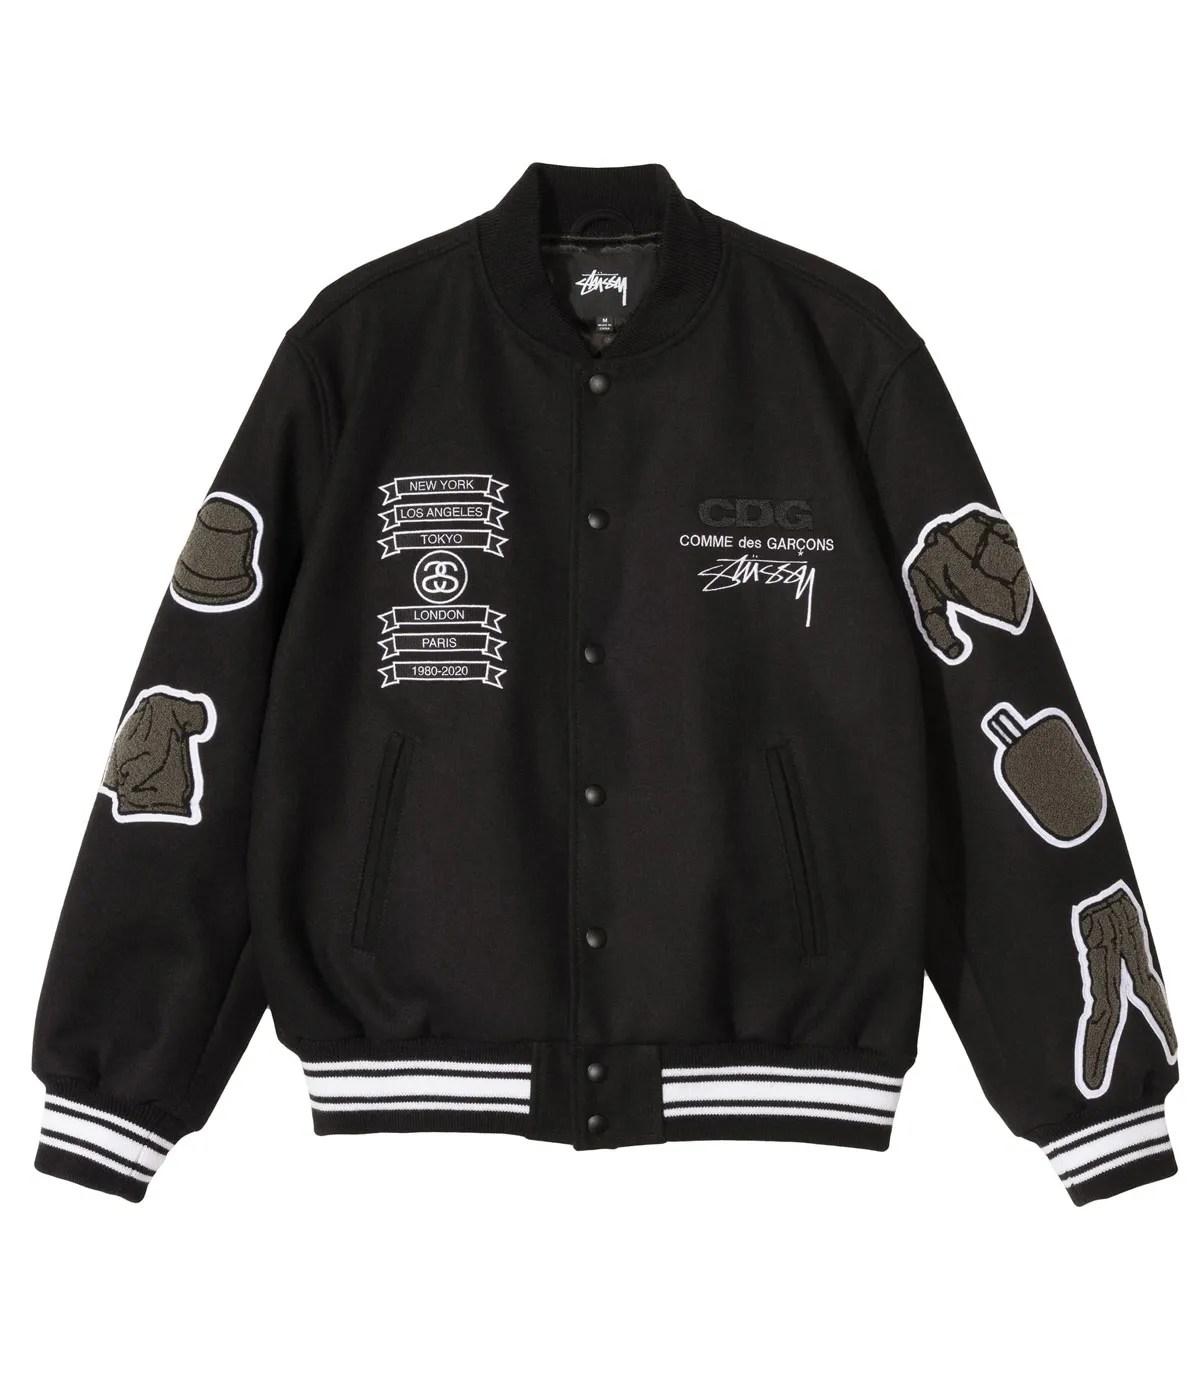 asap-rocky-stussy-jacket